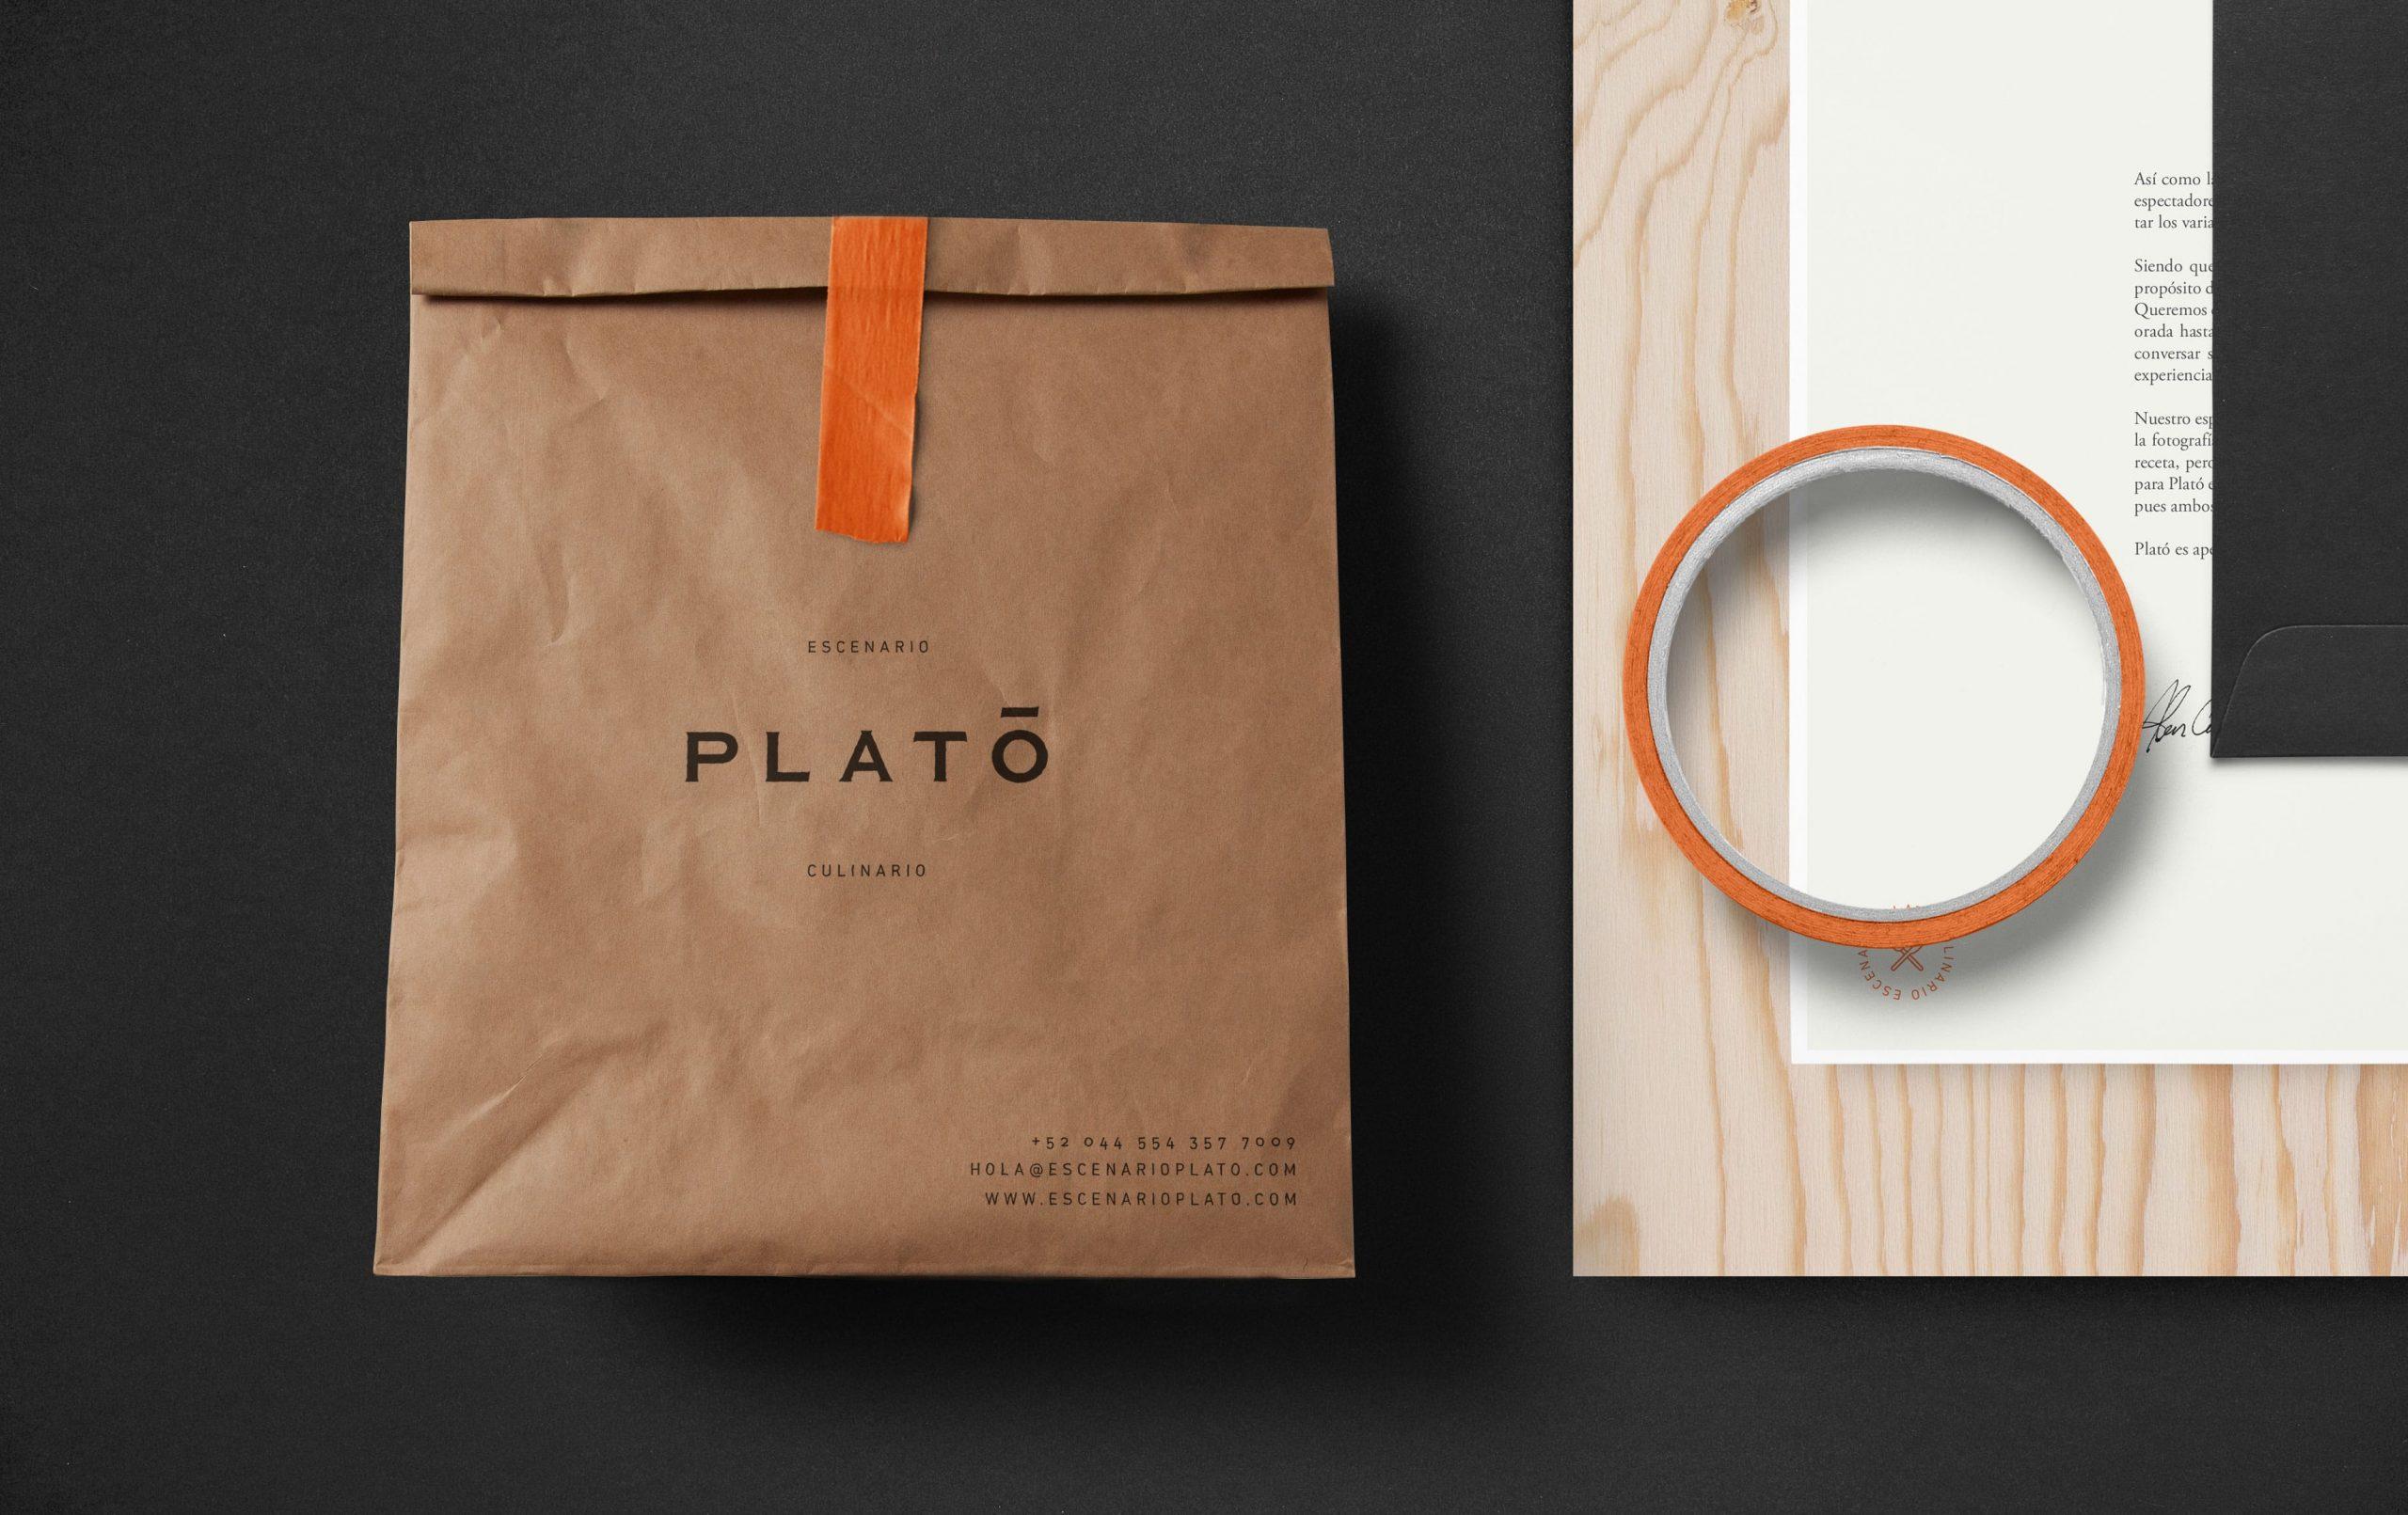 PLATO-BY-TRECEVEINTE-09